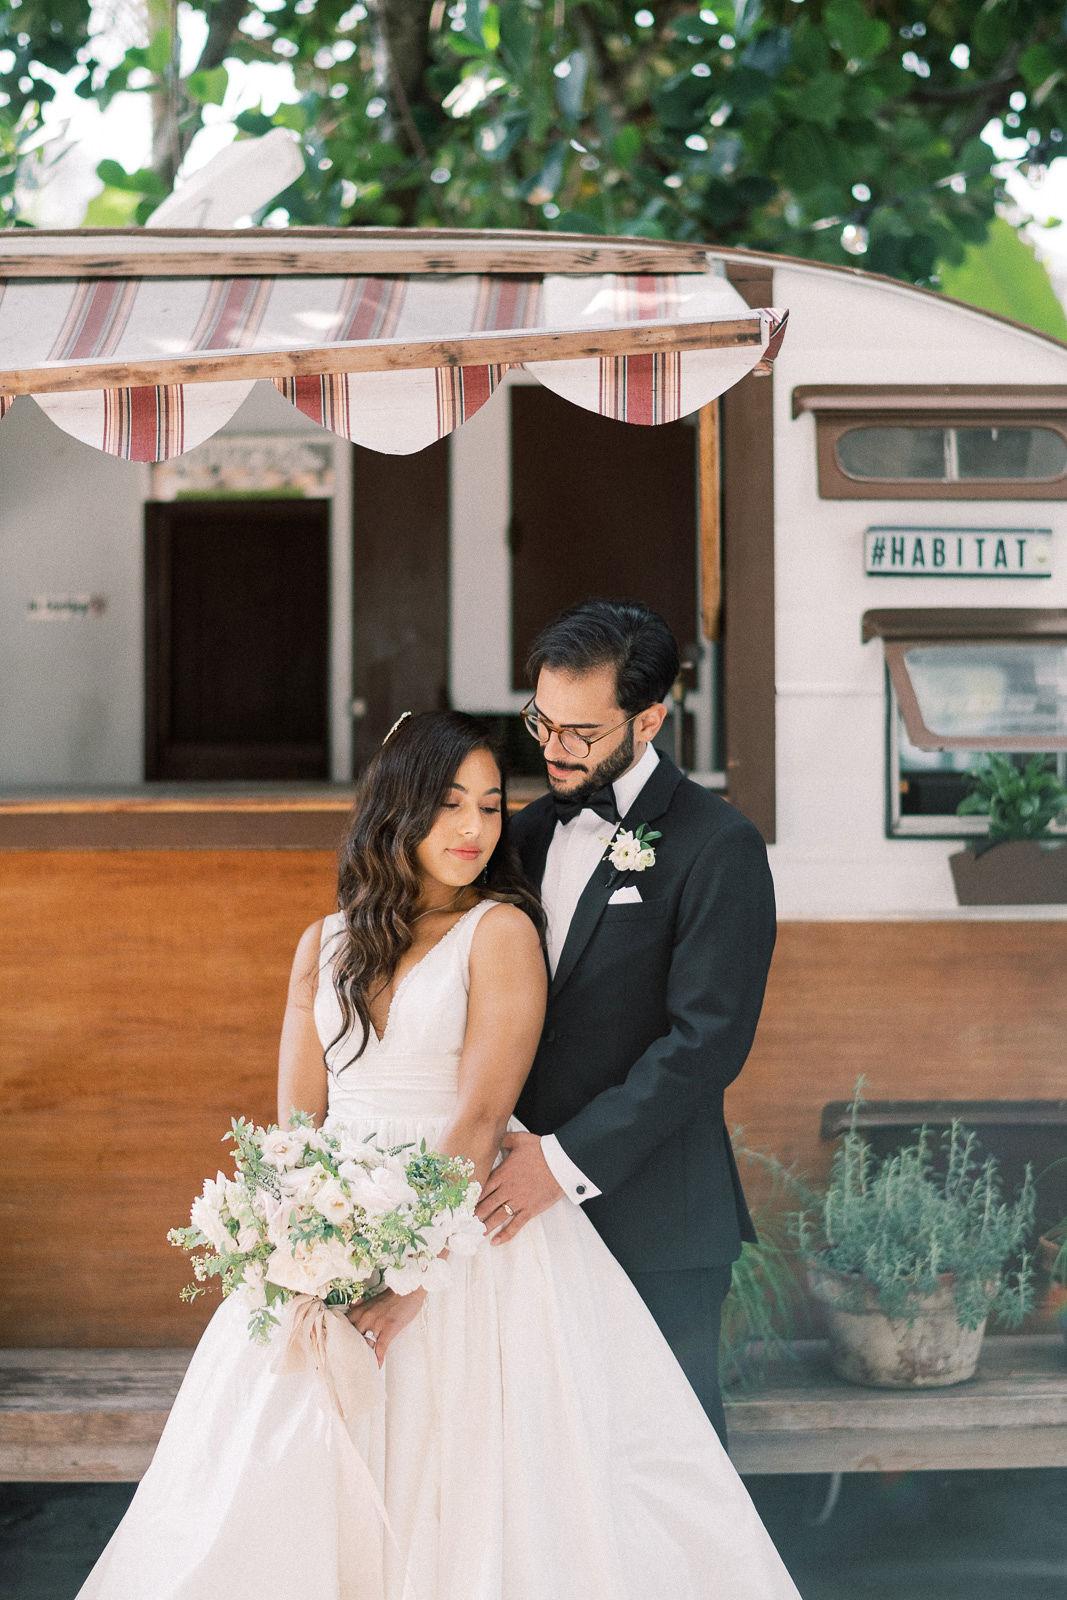 Kiara & Enrique - The 1 Hotel South Beach